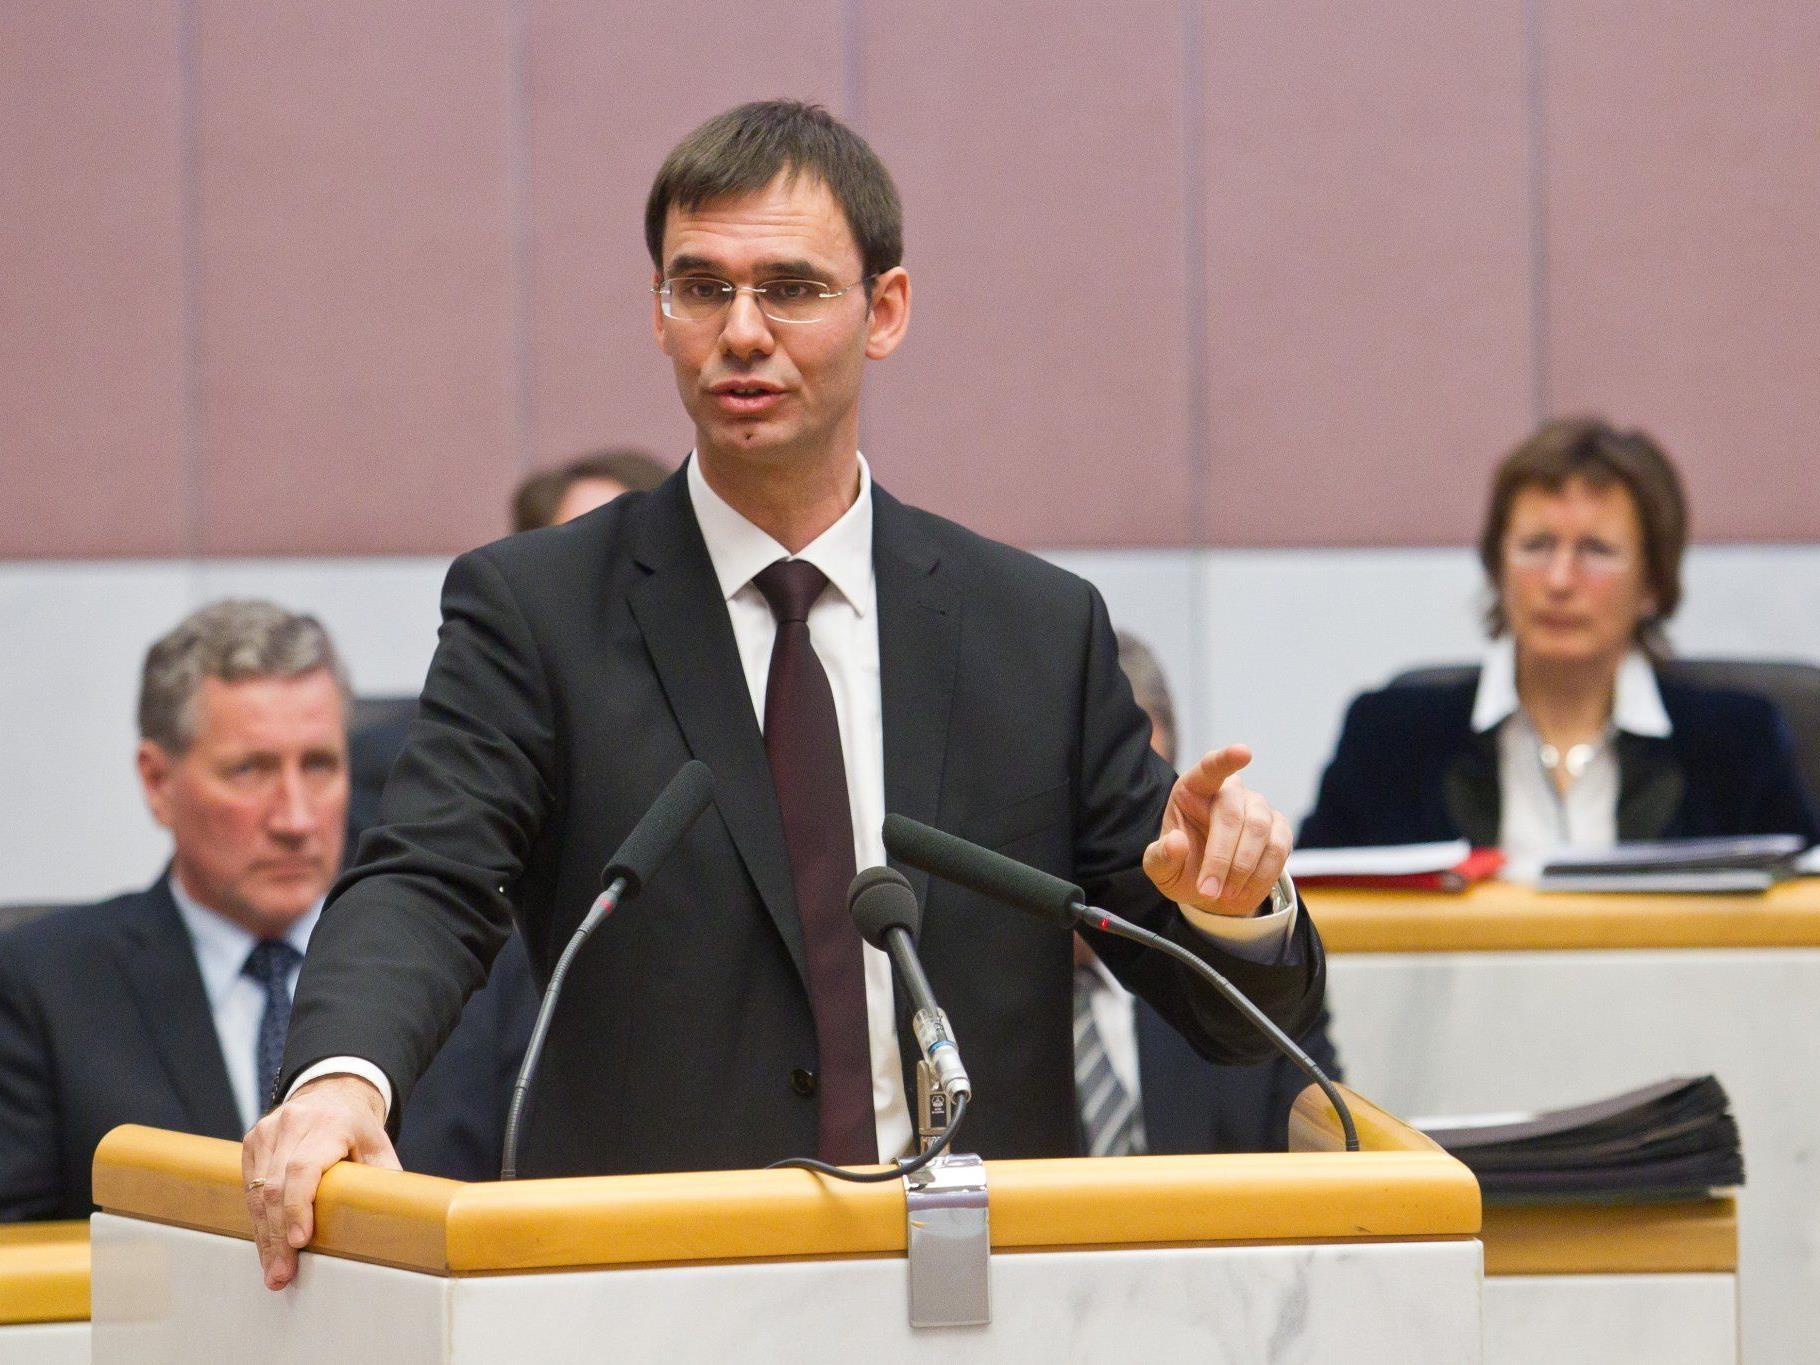 Landeshauptmann Wallner will von seinem Vetorecht Gebrauch machen.